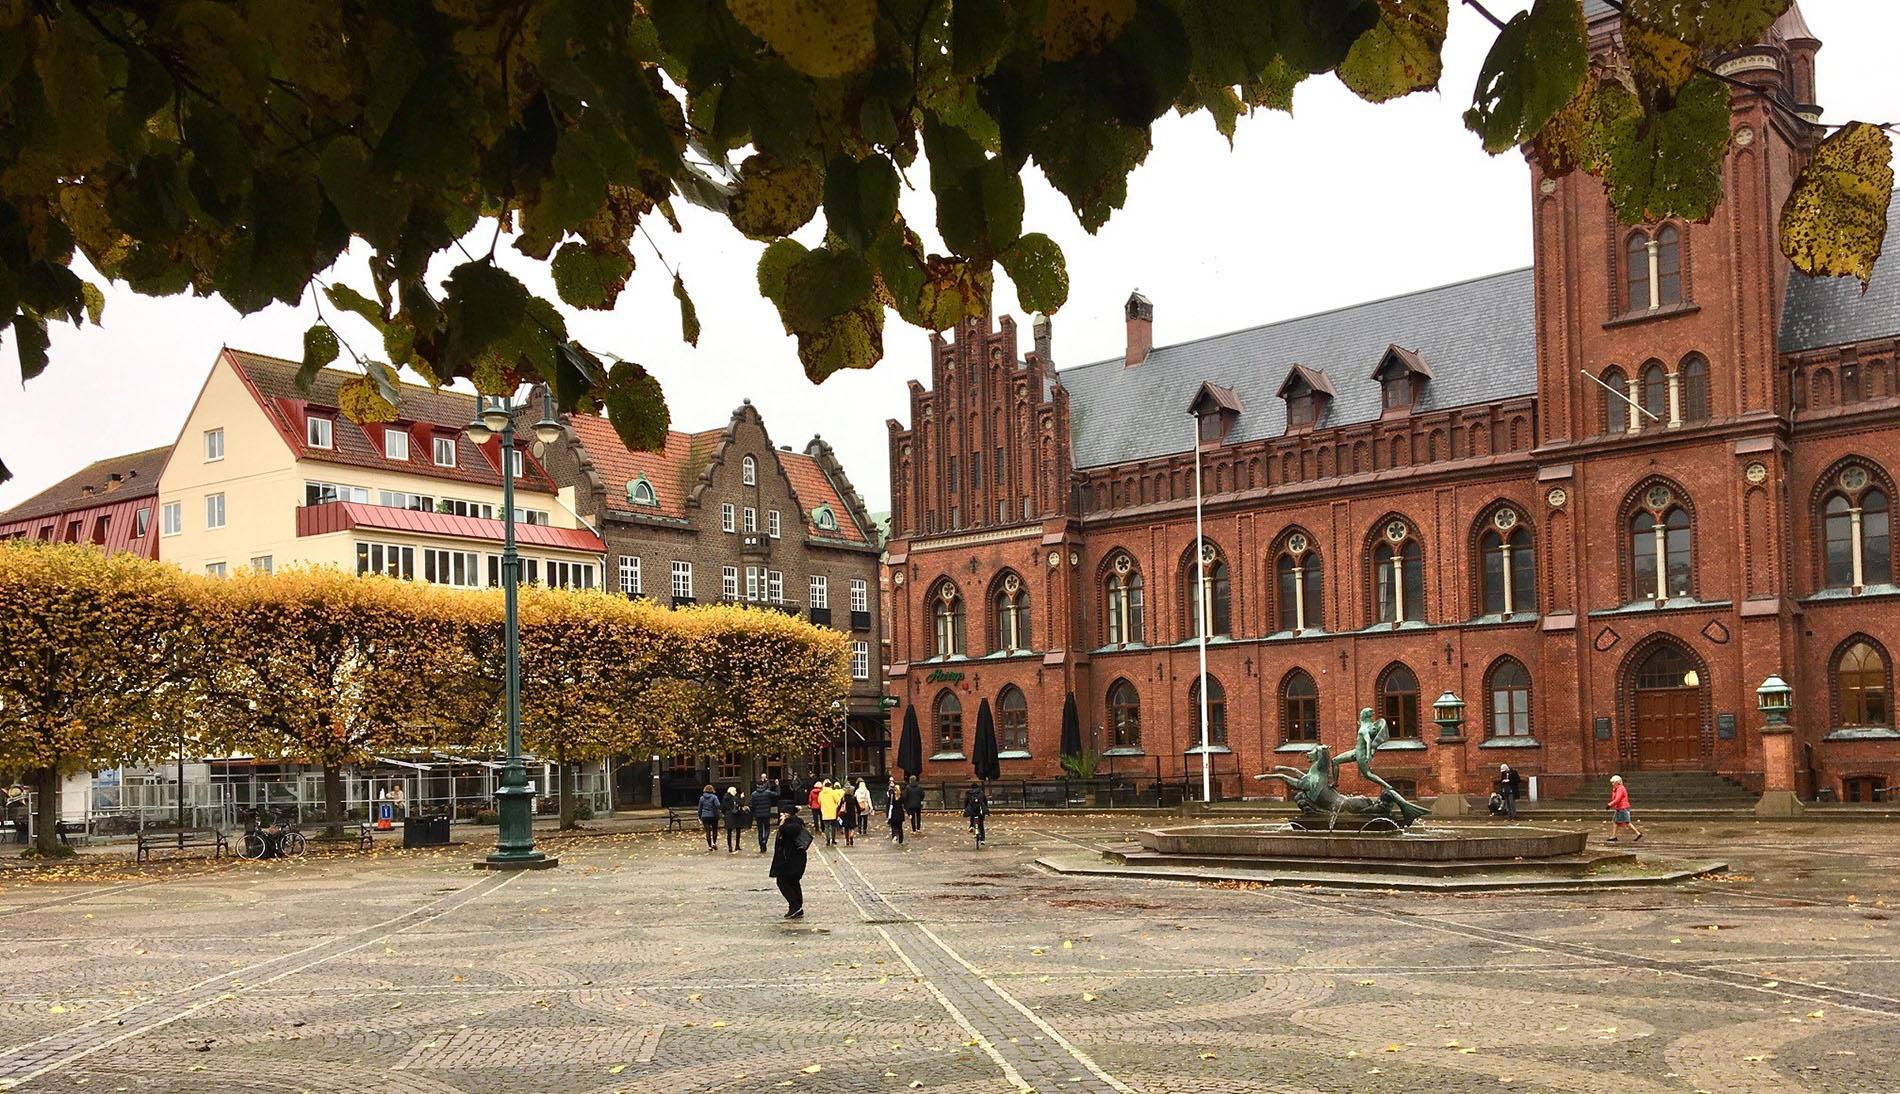 Det ståtliga och väl definierade Rådhustorget i Landskrona. Foto: Emina